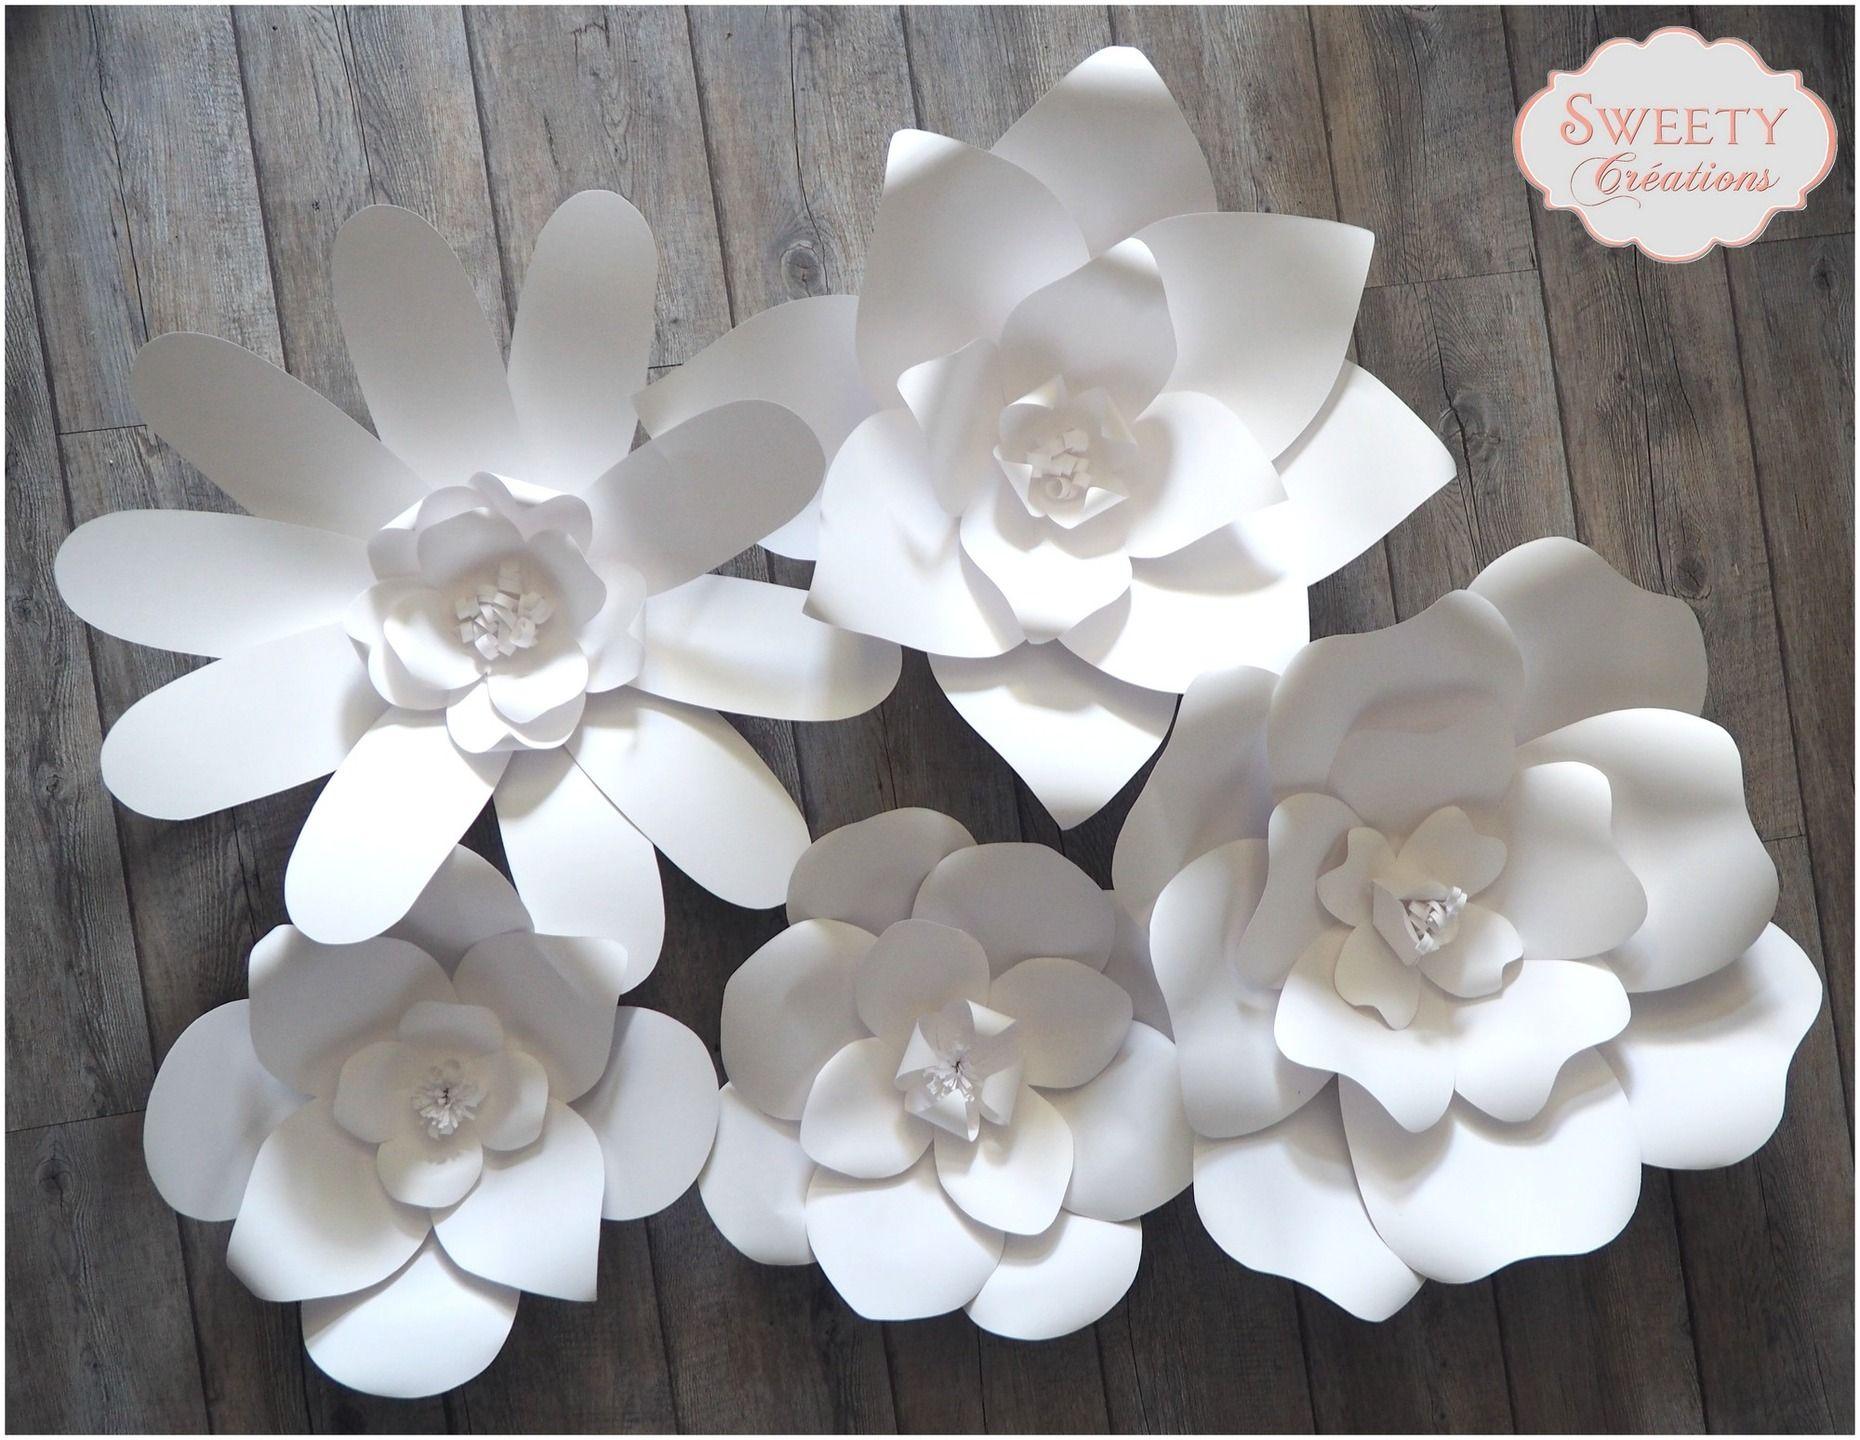 Fleurs en papier g antes d corations murales par sweety creation giant f - Video de fleur en papier ...